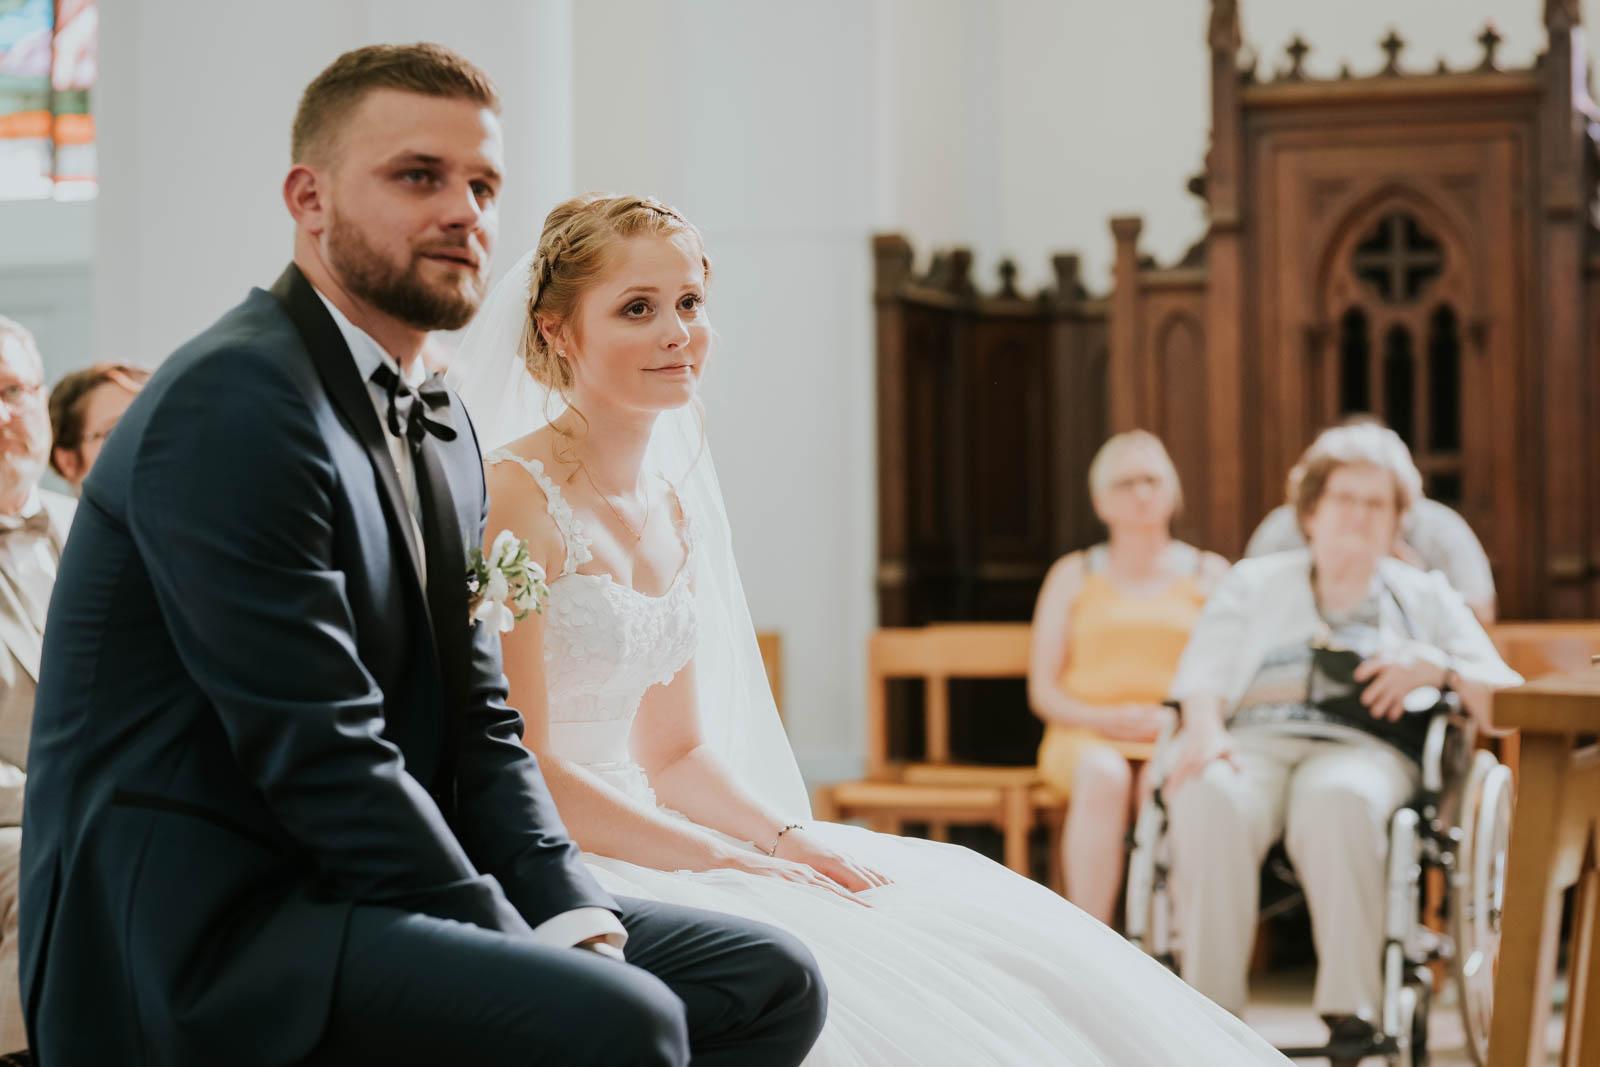 La mariée écoute pendant la cérémonie.